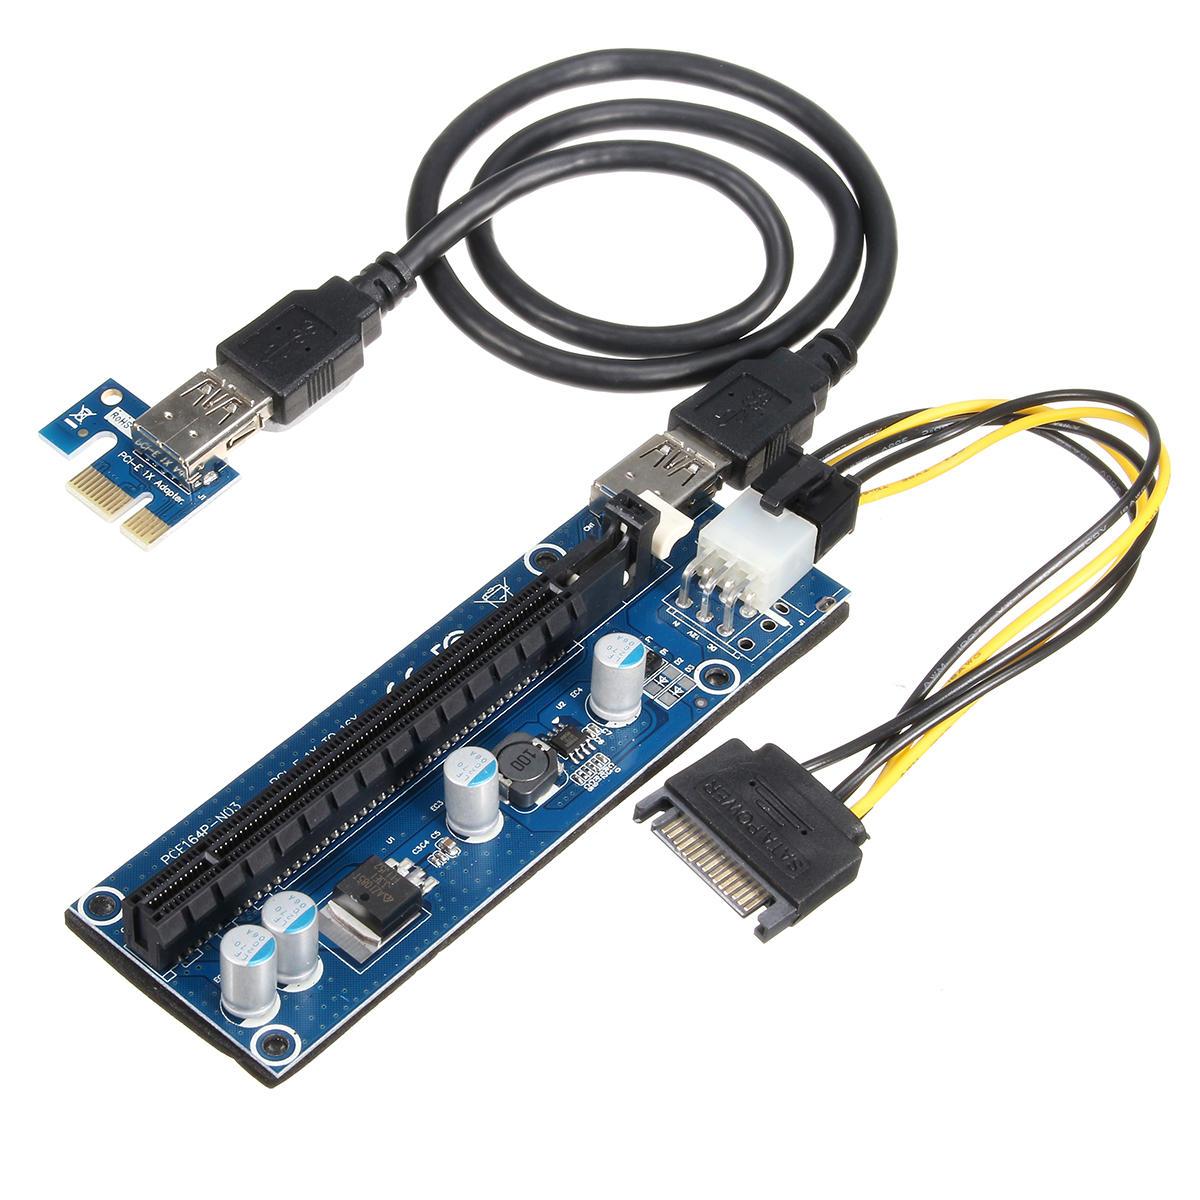 Pci Express Wiring Diagram Get Free Image About Wiring Diagram